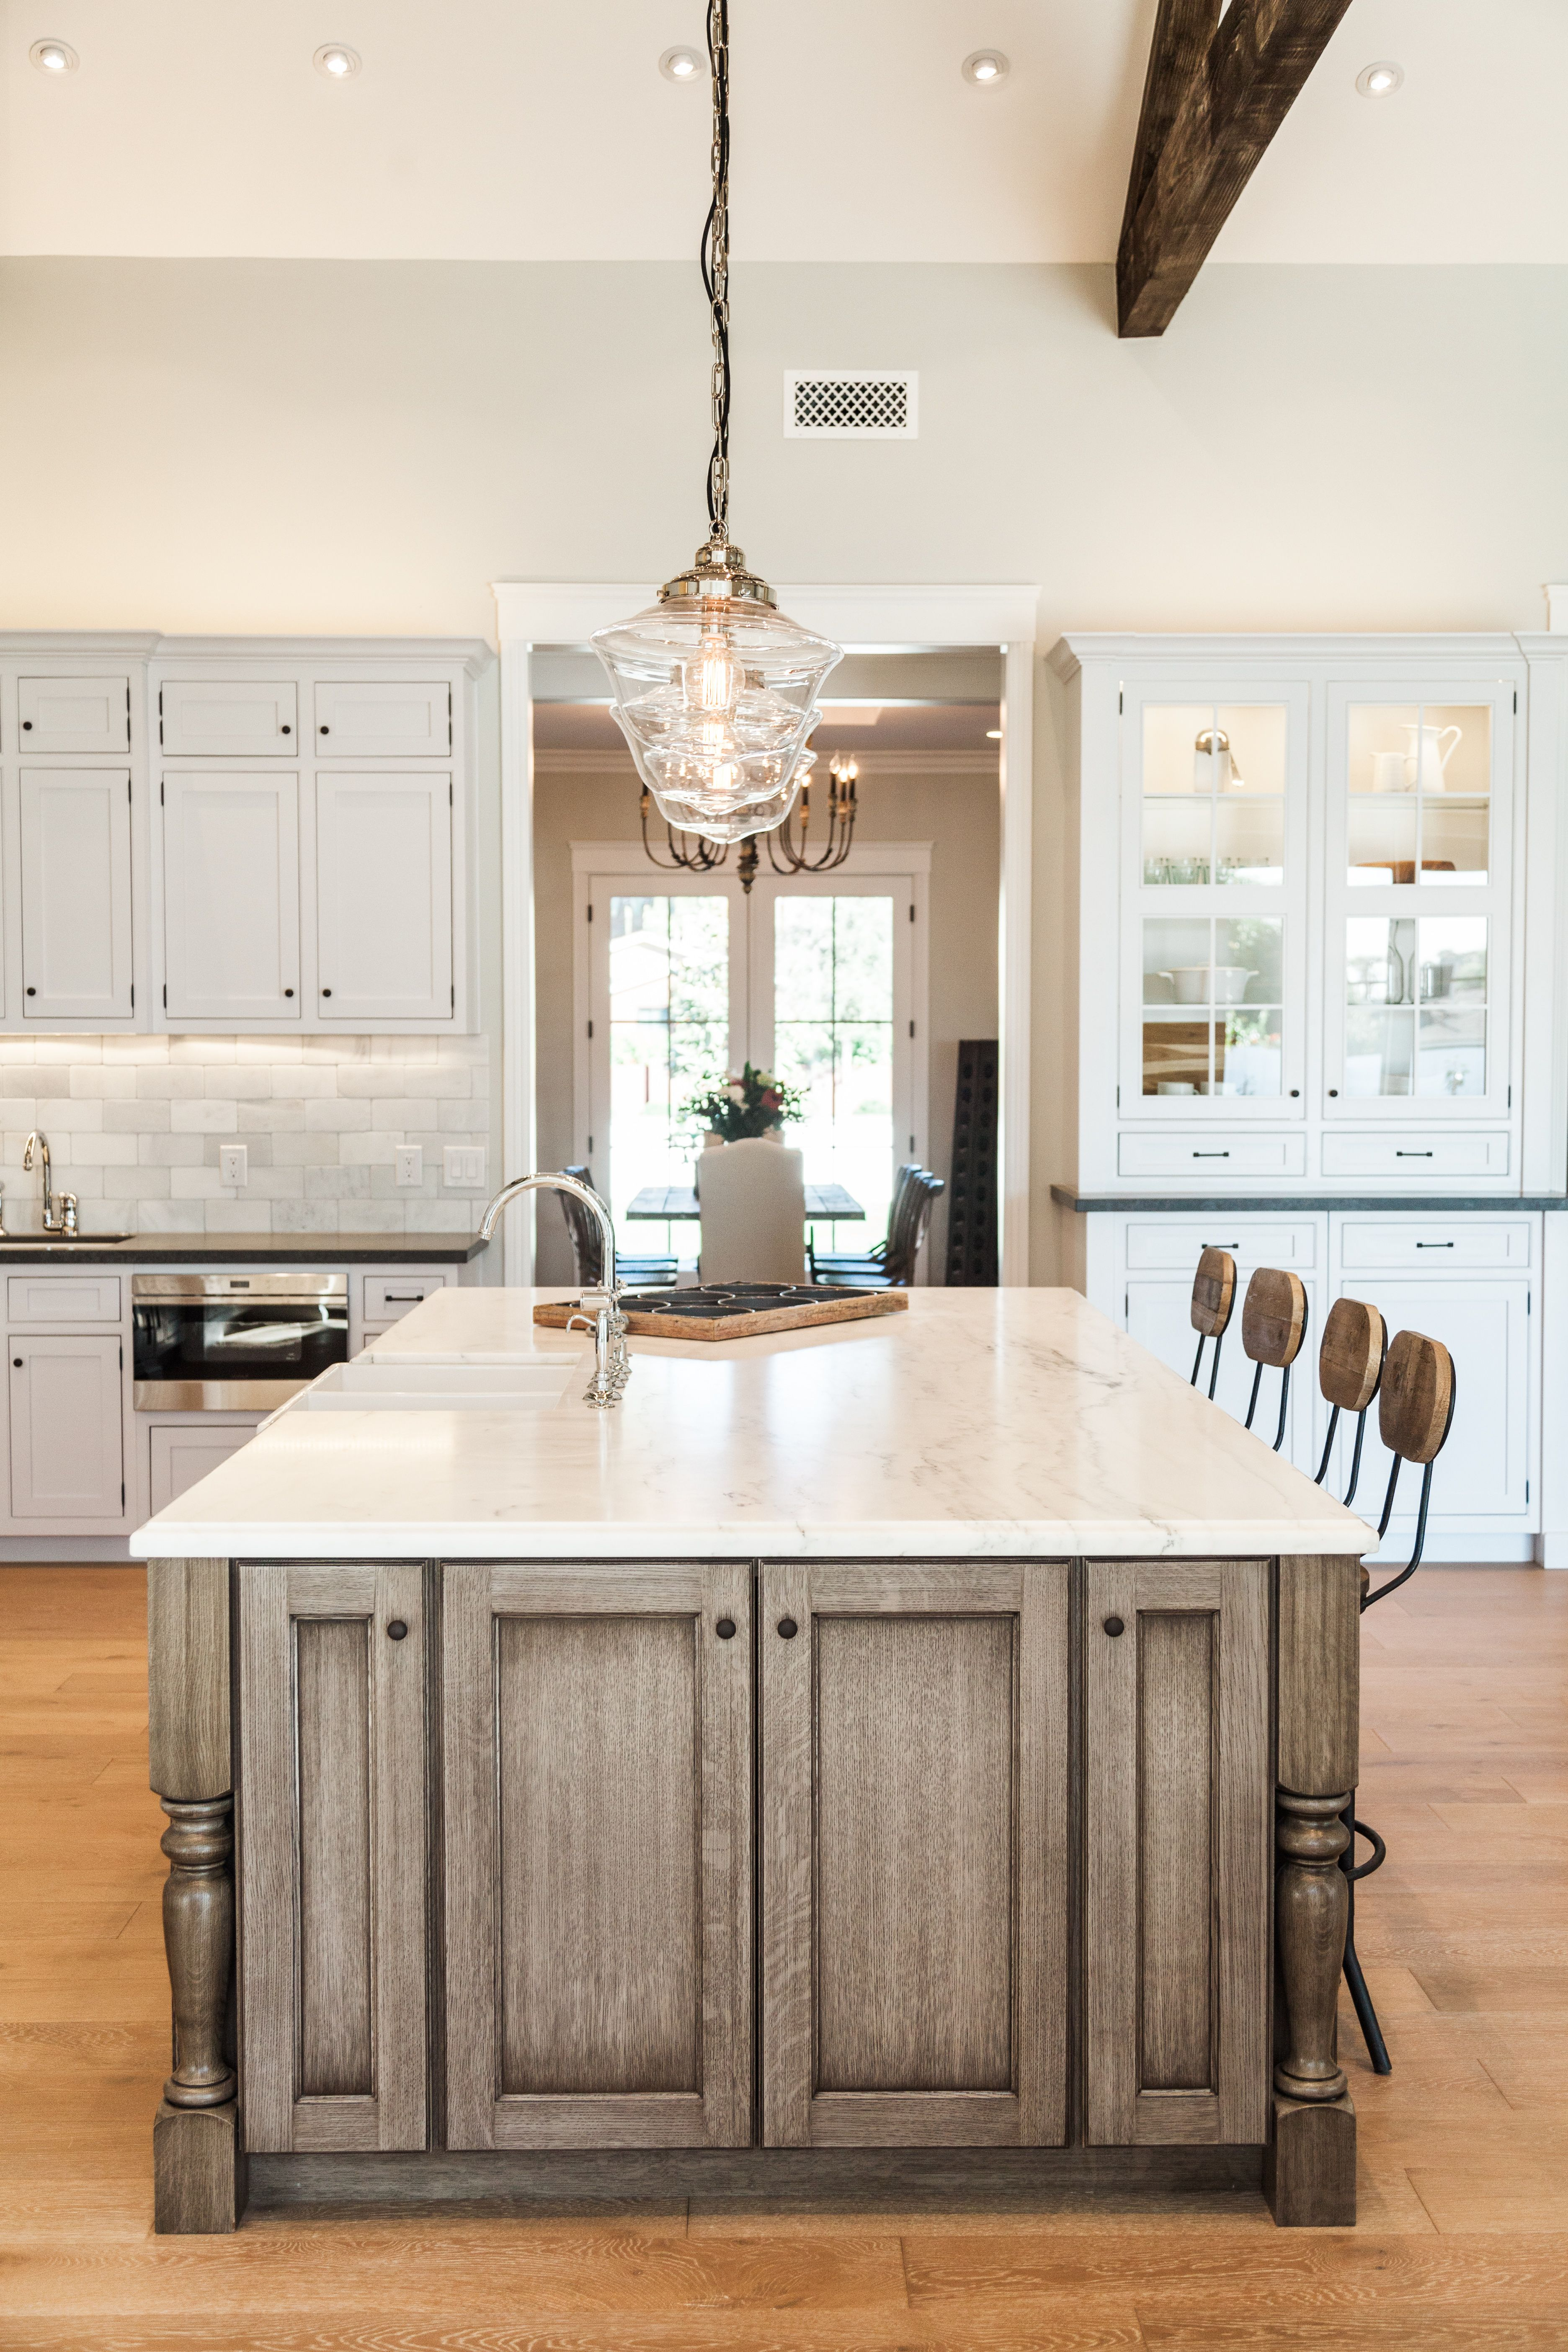 Oversized kitchen island - by Rafterhouse. | dream. in ...